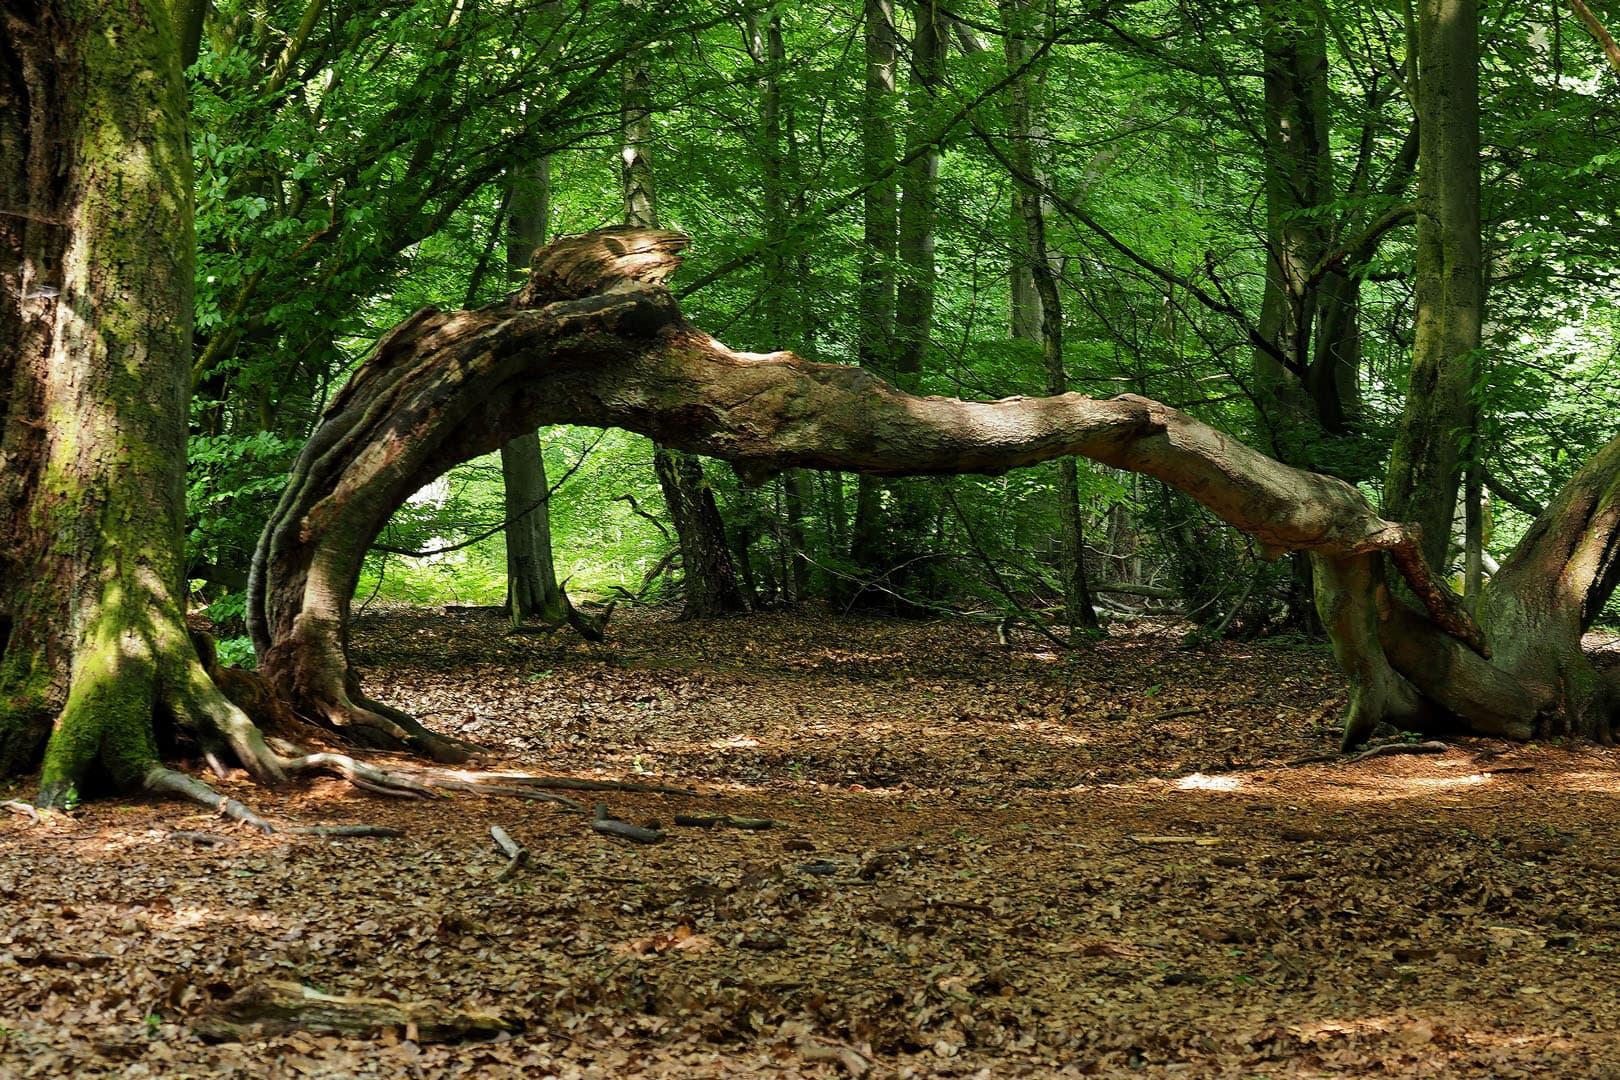 Ein Wald wie ein Märchen aus alten Zeiten.